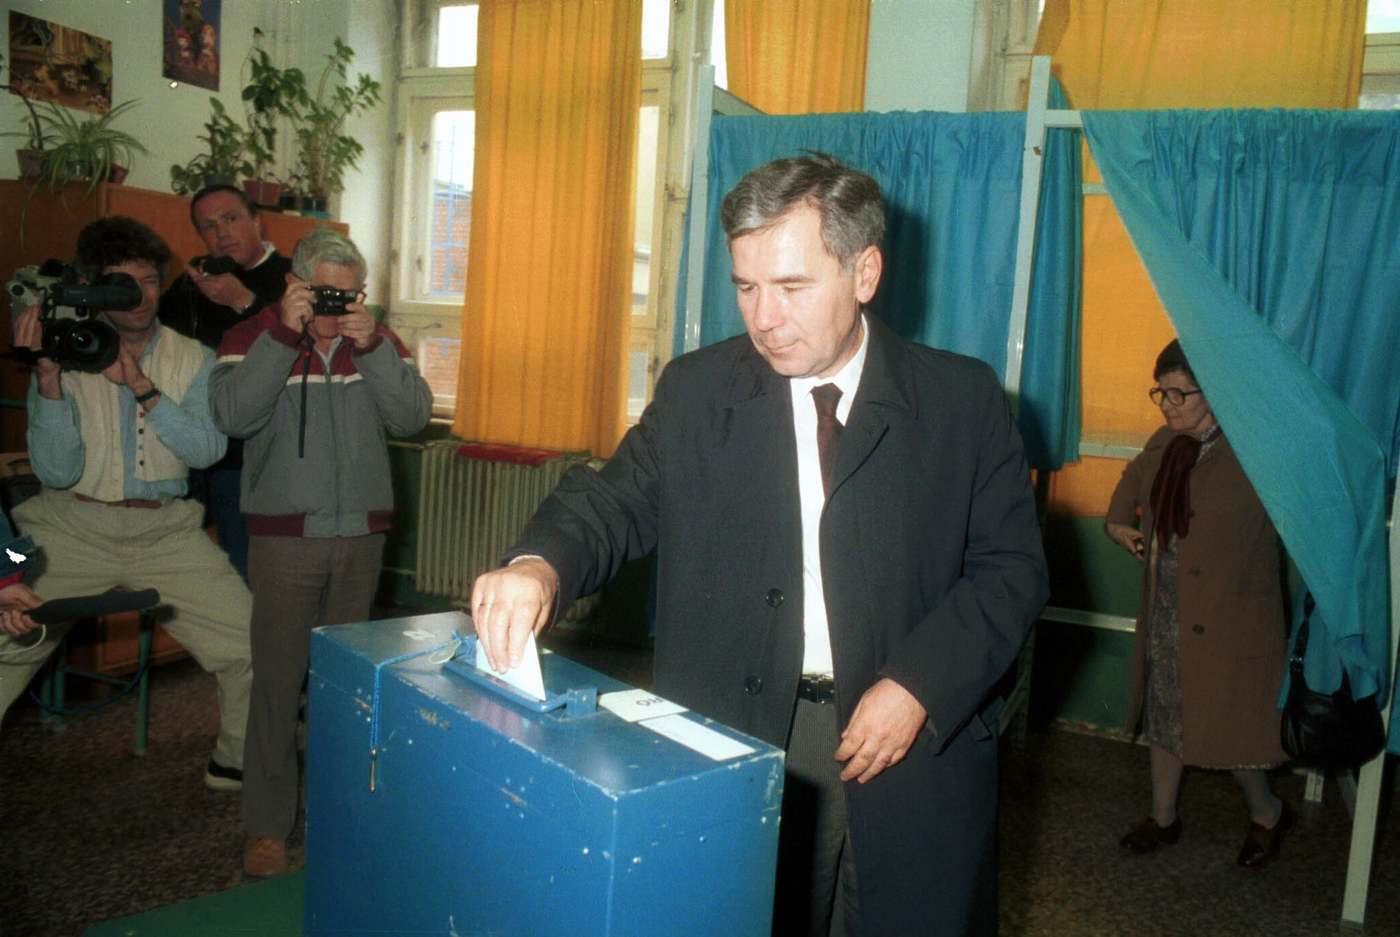 """Horn Gyula külügyminiszter leadja szavazatát. Nagy vihart kavart az 1989. februári MSZMP-ülésen elhangzott beszéde, amiben az 1956-os forradalomról beszélt: """"Nem is szabad megengednünk azt, hogy 1956 kapcsán valamiféle lelkiismereti válság keletkezzen mindazoknál, azokban, akik akkor fegyvert fogtak, mert akik fegyvert fogtak novemberben, és novemberben felléptek, azok az ellenforradalommal szemben léptek fel."""" (Fotó: MTI/Friedmann Endre)"""